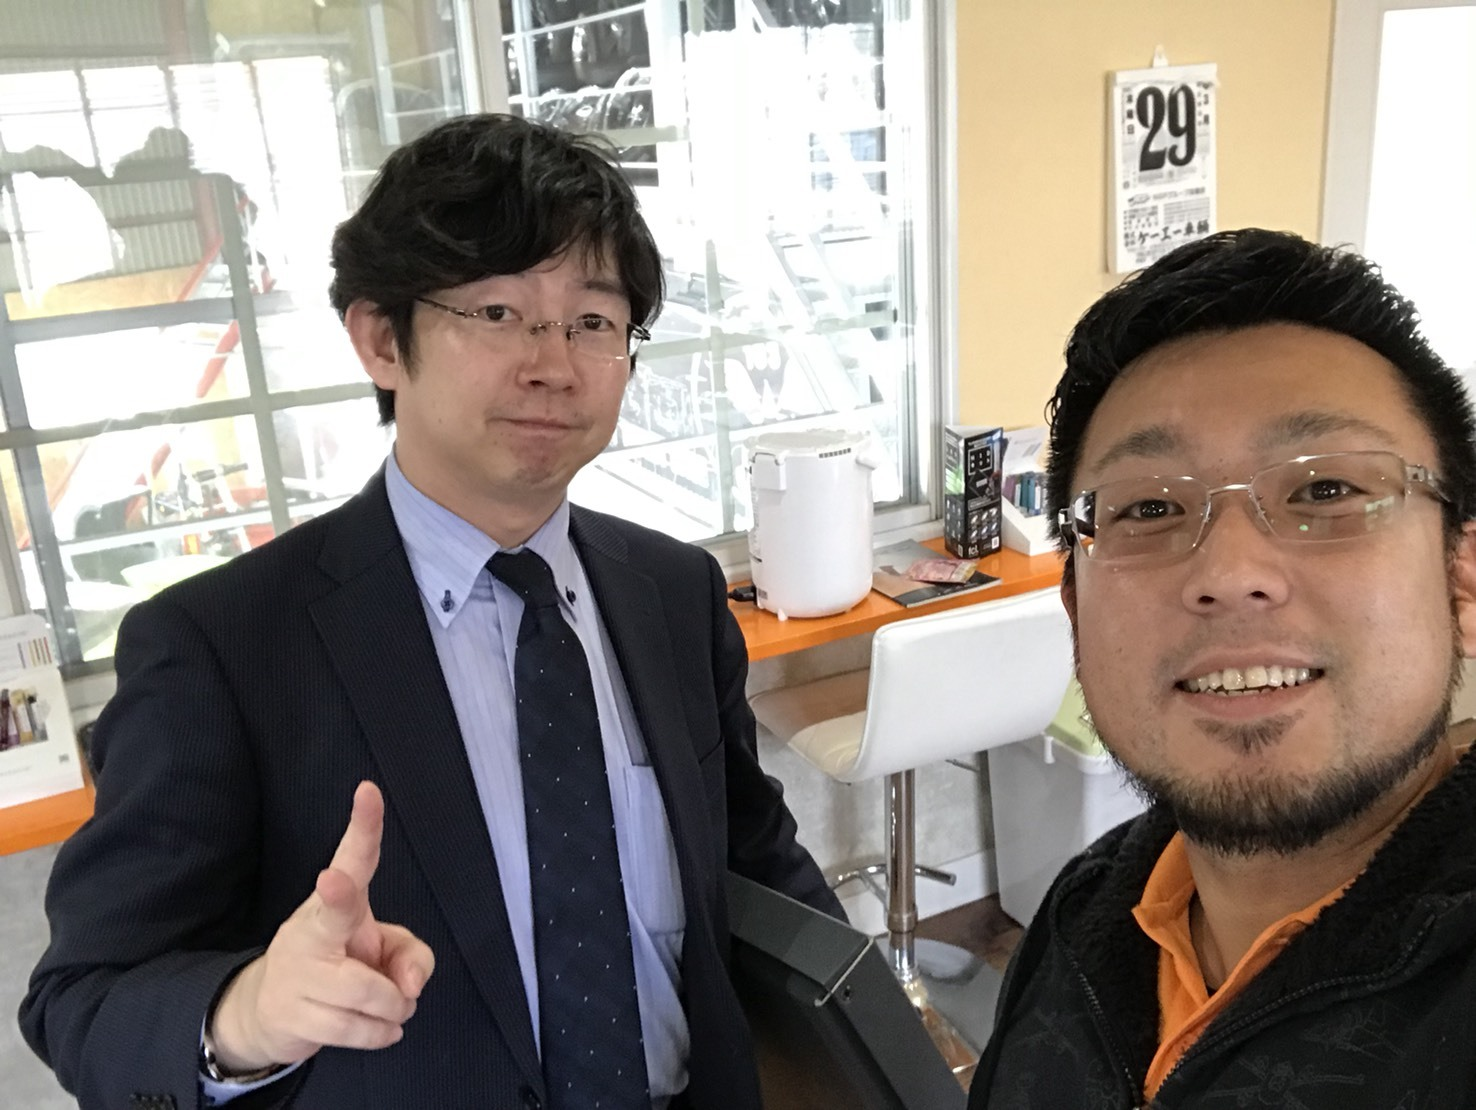 3月30日(金)トミーベース カスタムブログ☆S社様、新車のヴェルファイア到着☆カマロカスタム中☆_b0127002_12085129.jpg